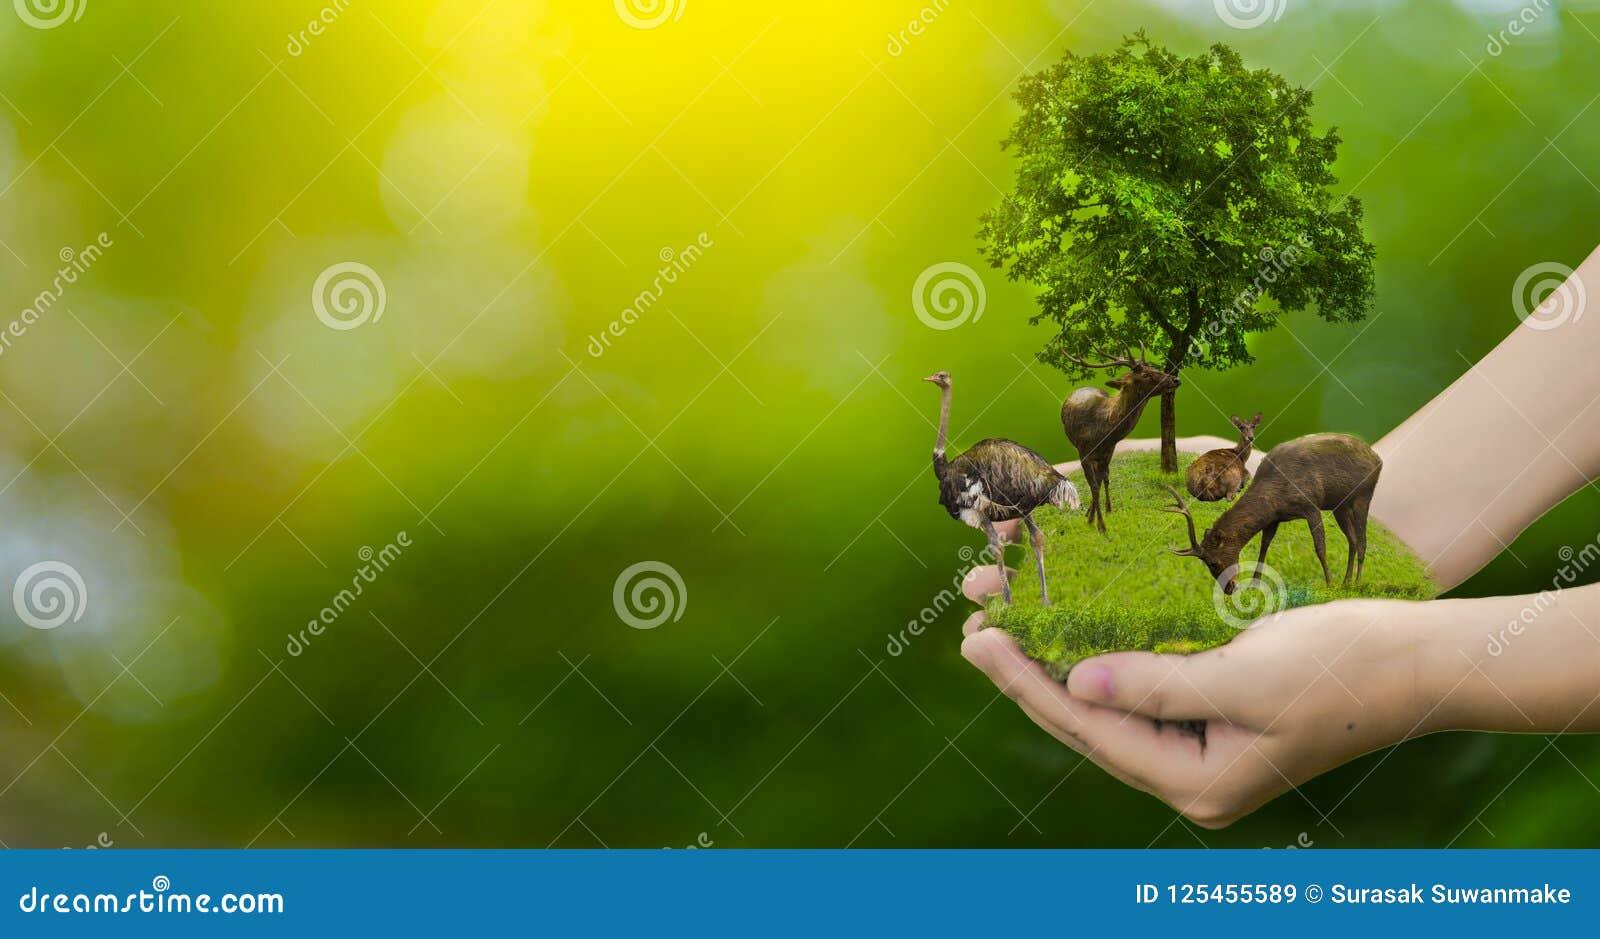 野生生物保护鹿,驼鸟,全球性变暖,寂寞,生态,人的手,在手,锂上能保护野生生物,树